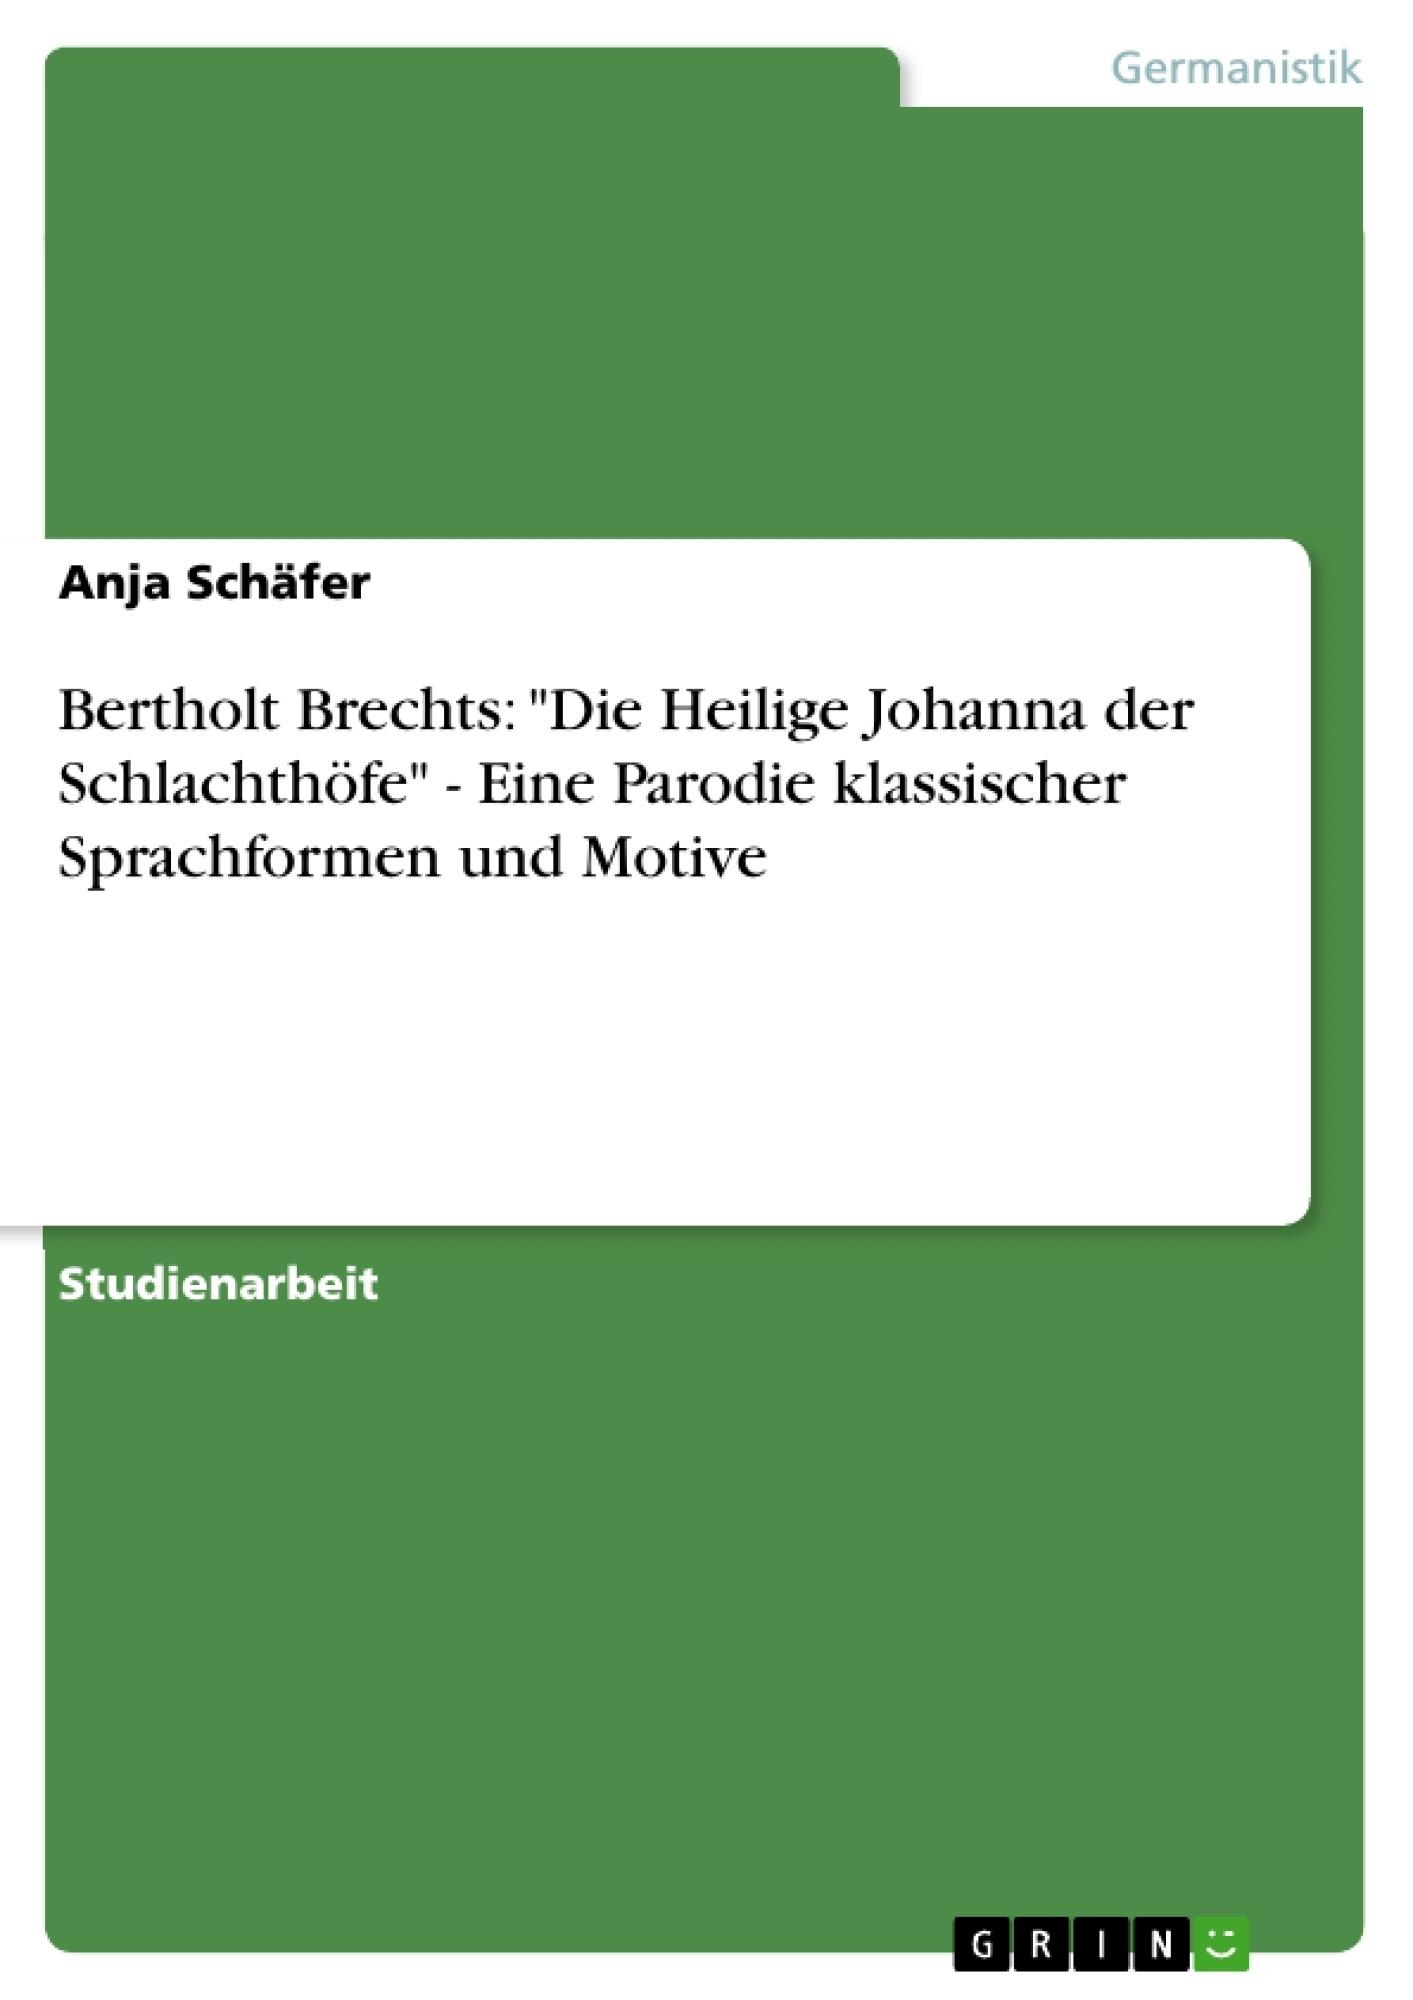 """Titel: Bertholt Brechts: """"Die Heilige Johanna der Schlachthöfe"""" - Eine Parodie klassischer Sprachformen und Motive"""